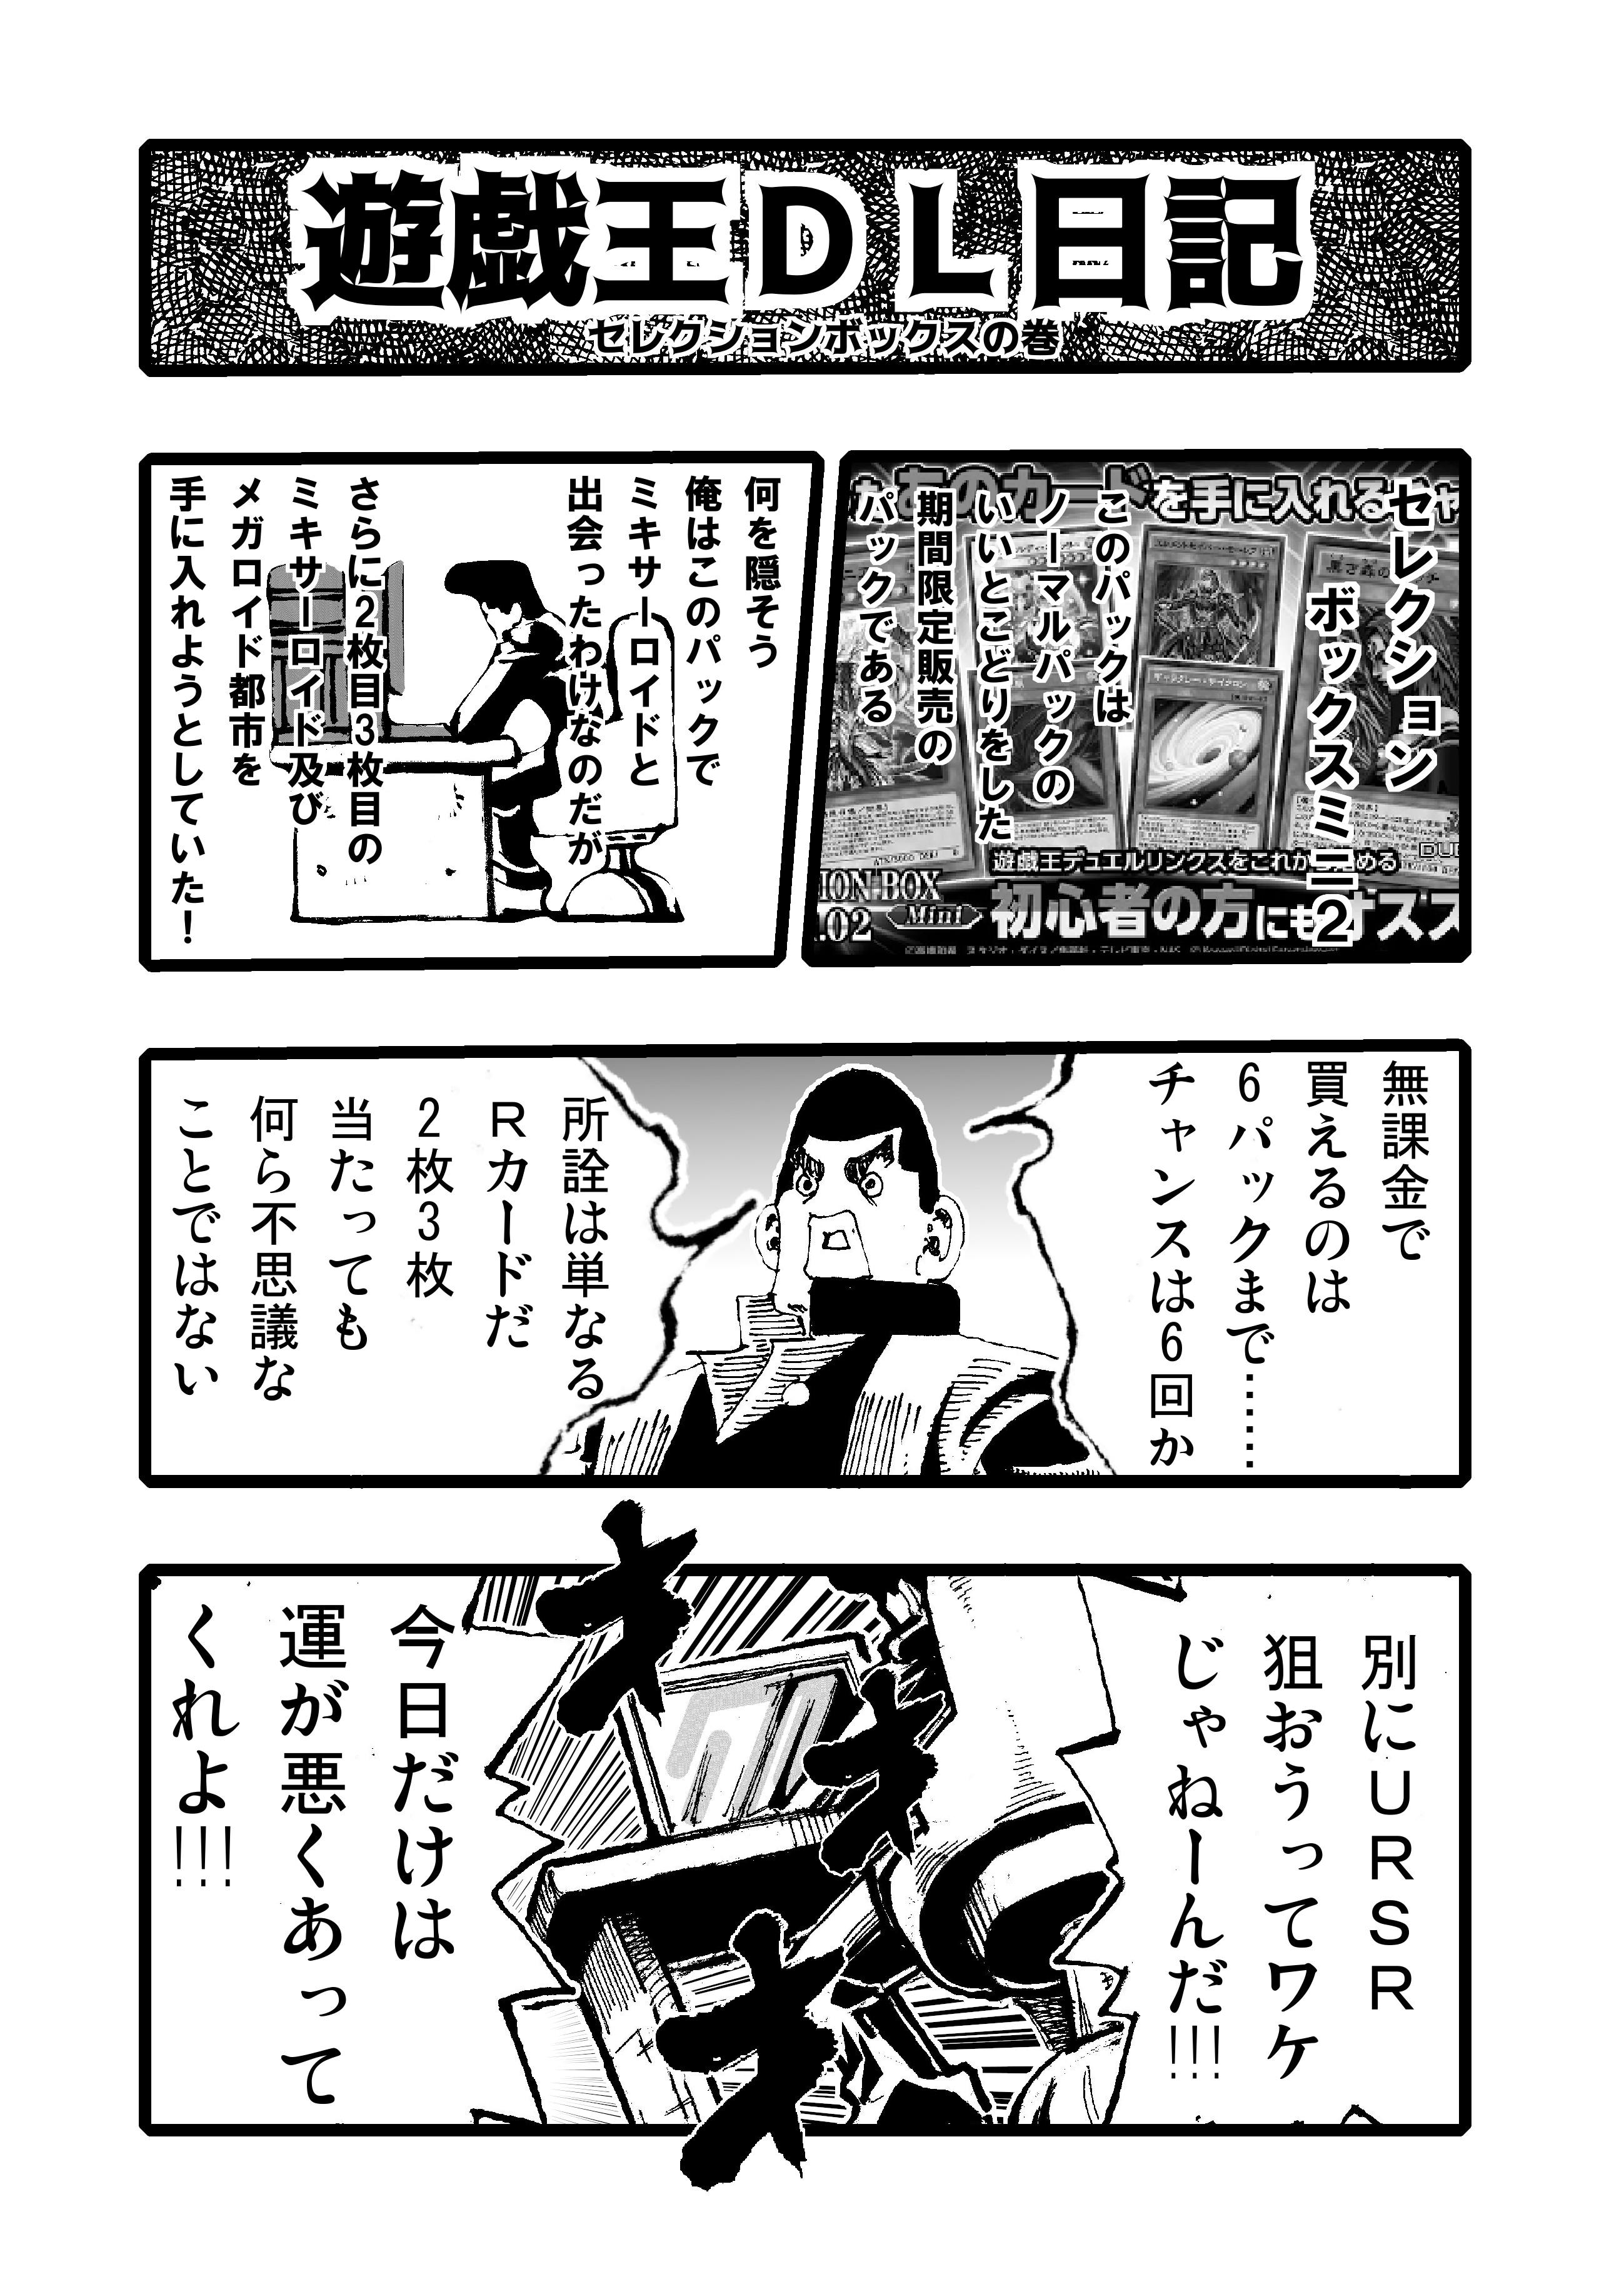 遊戯王デュエルリンクス日記47 セレクションボックスの巻